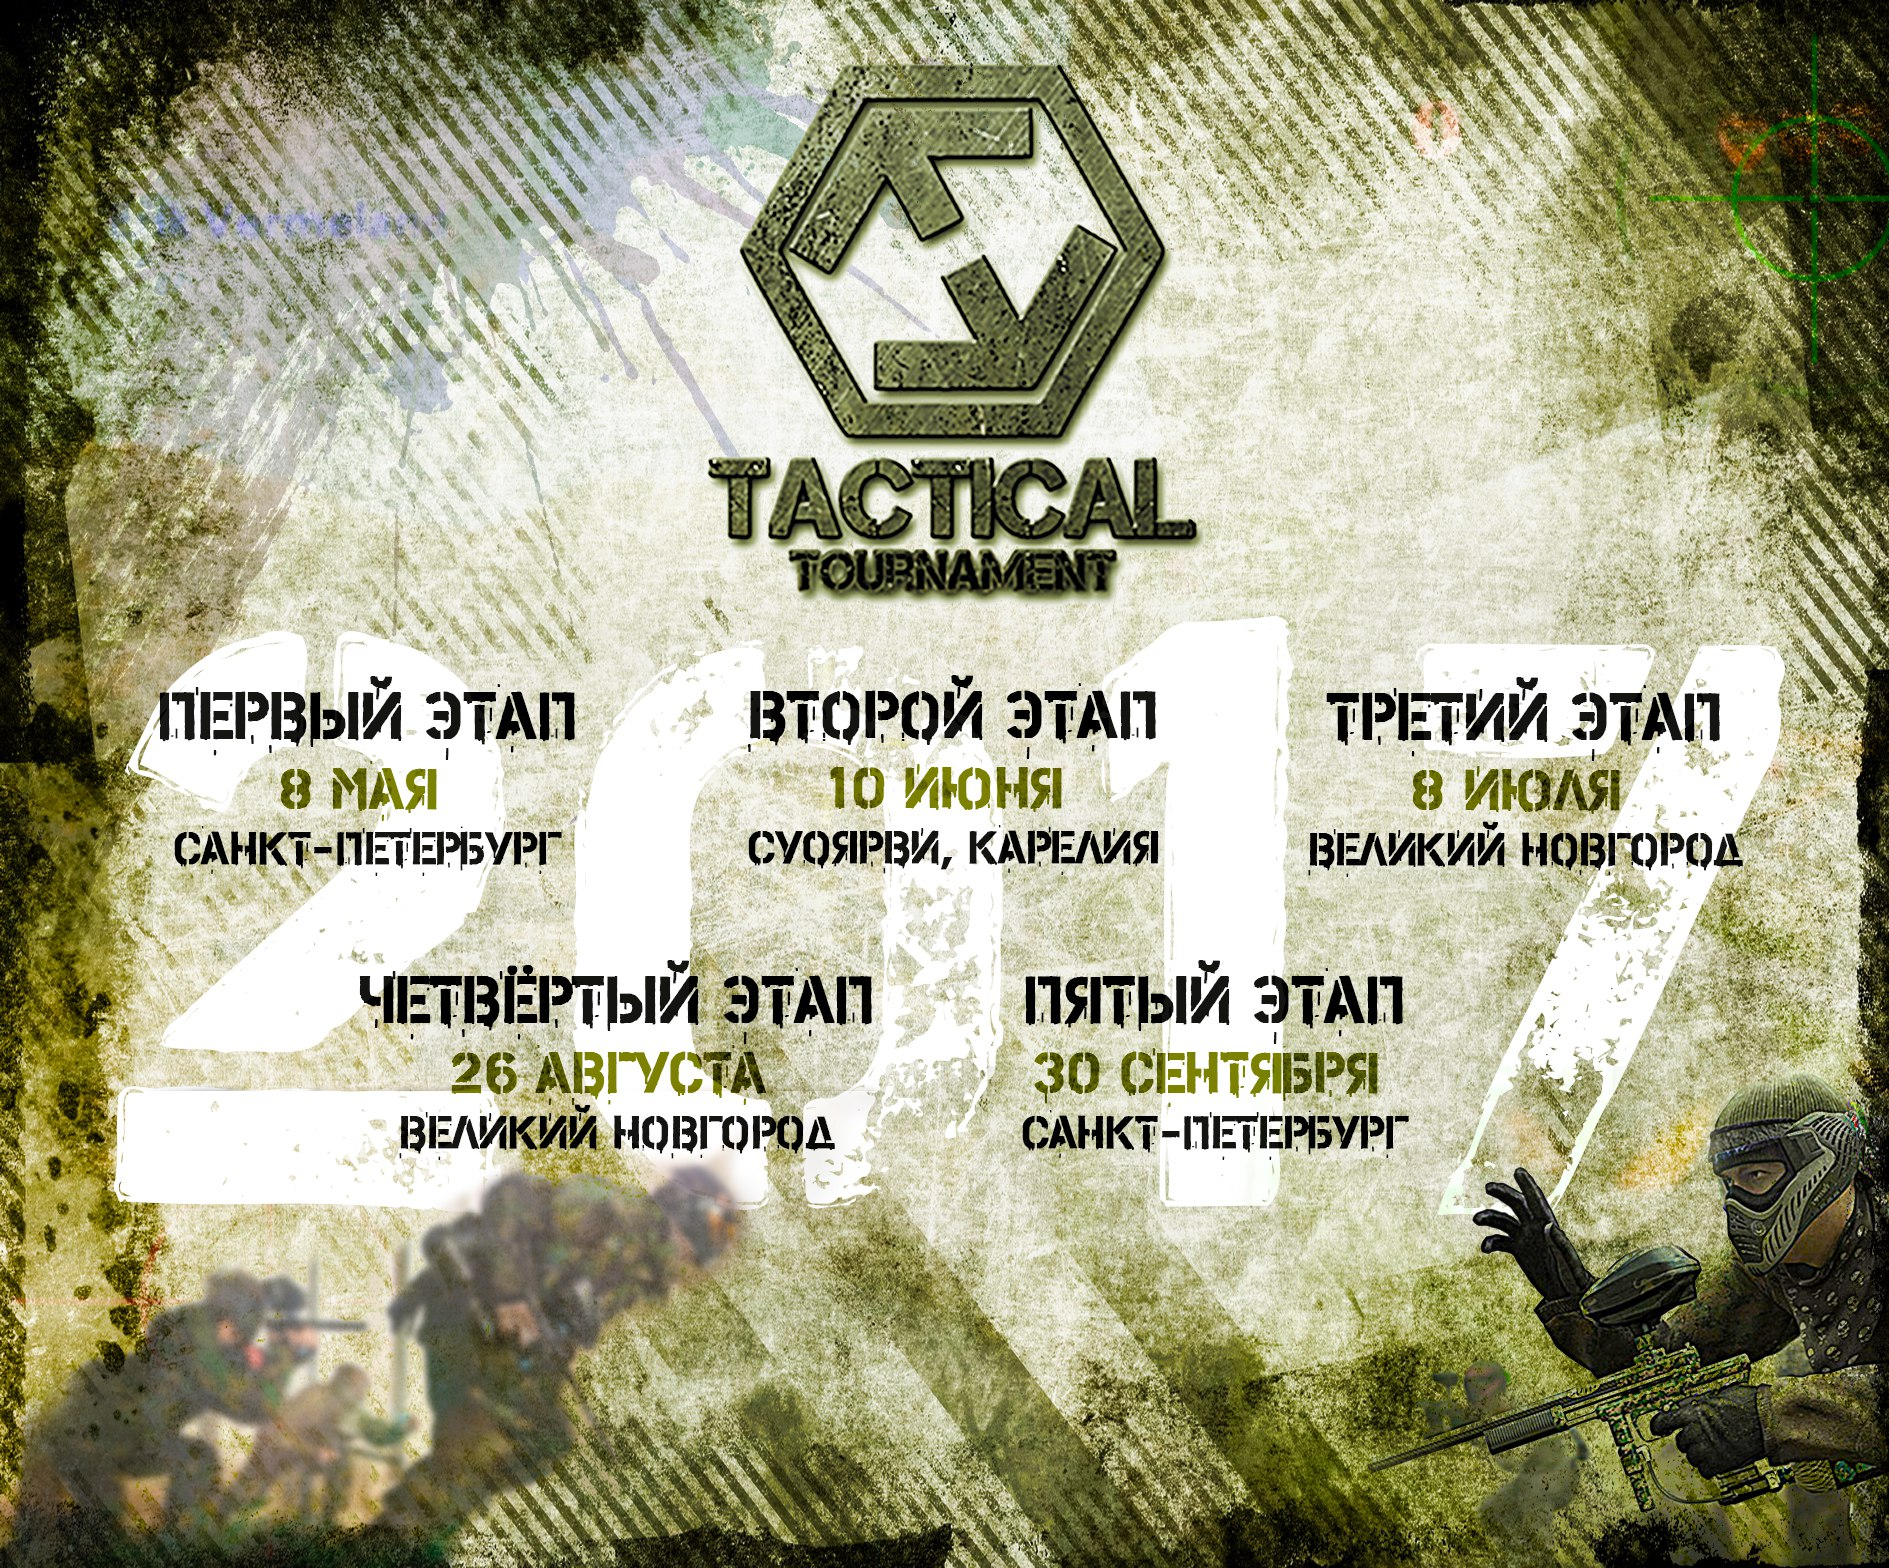 Серия тактических турниров ТТ-2017